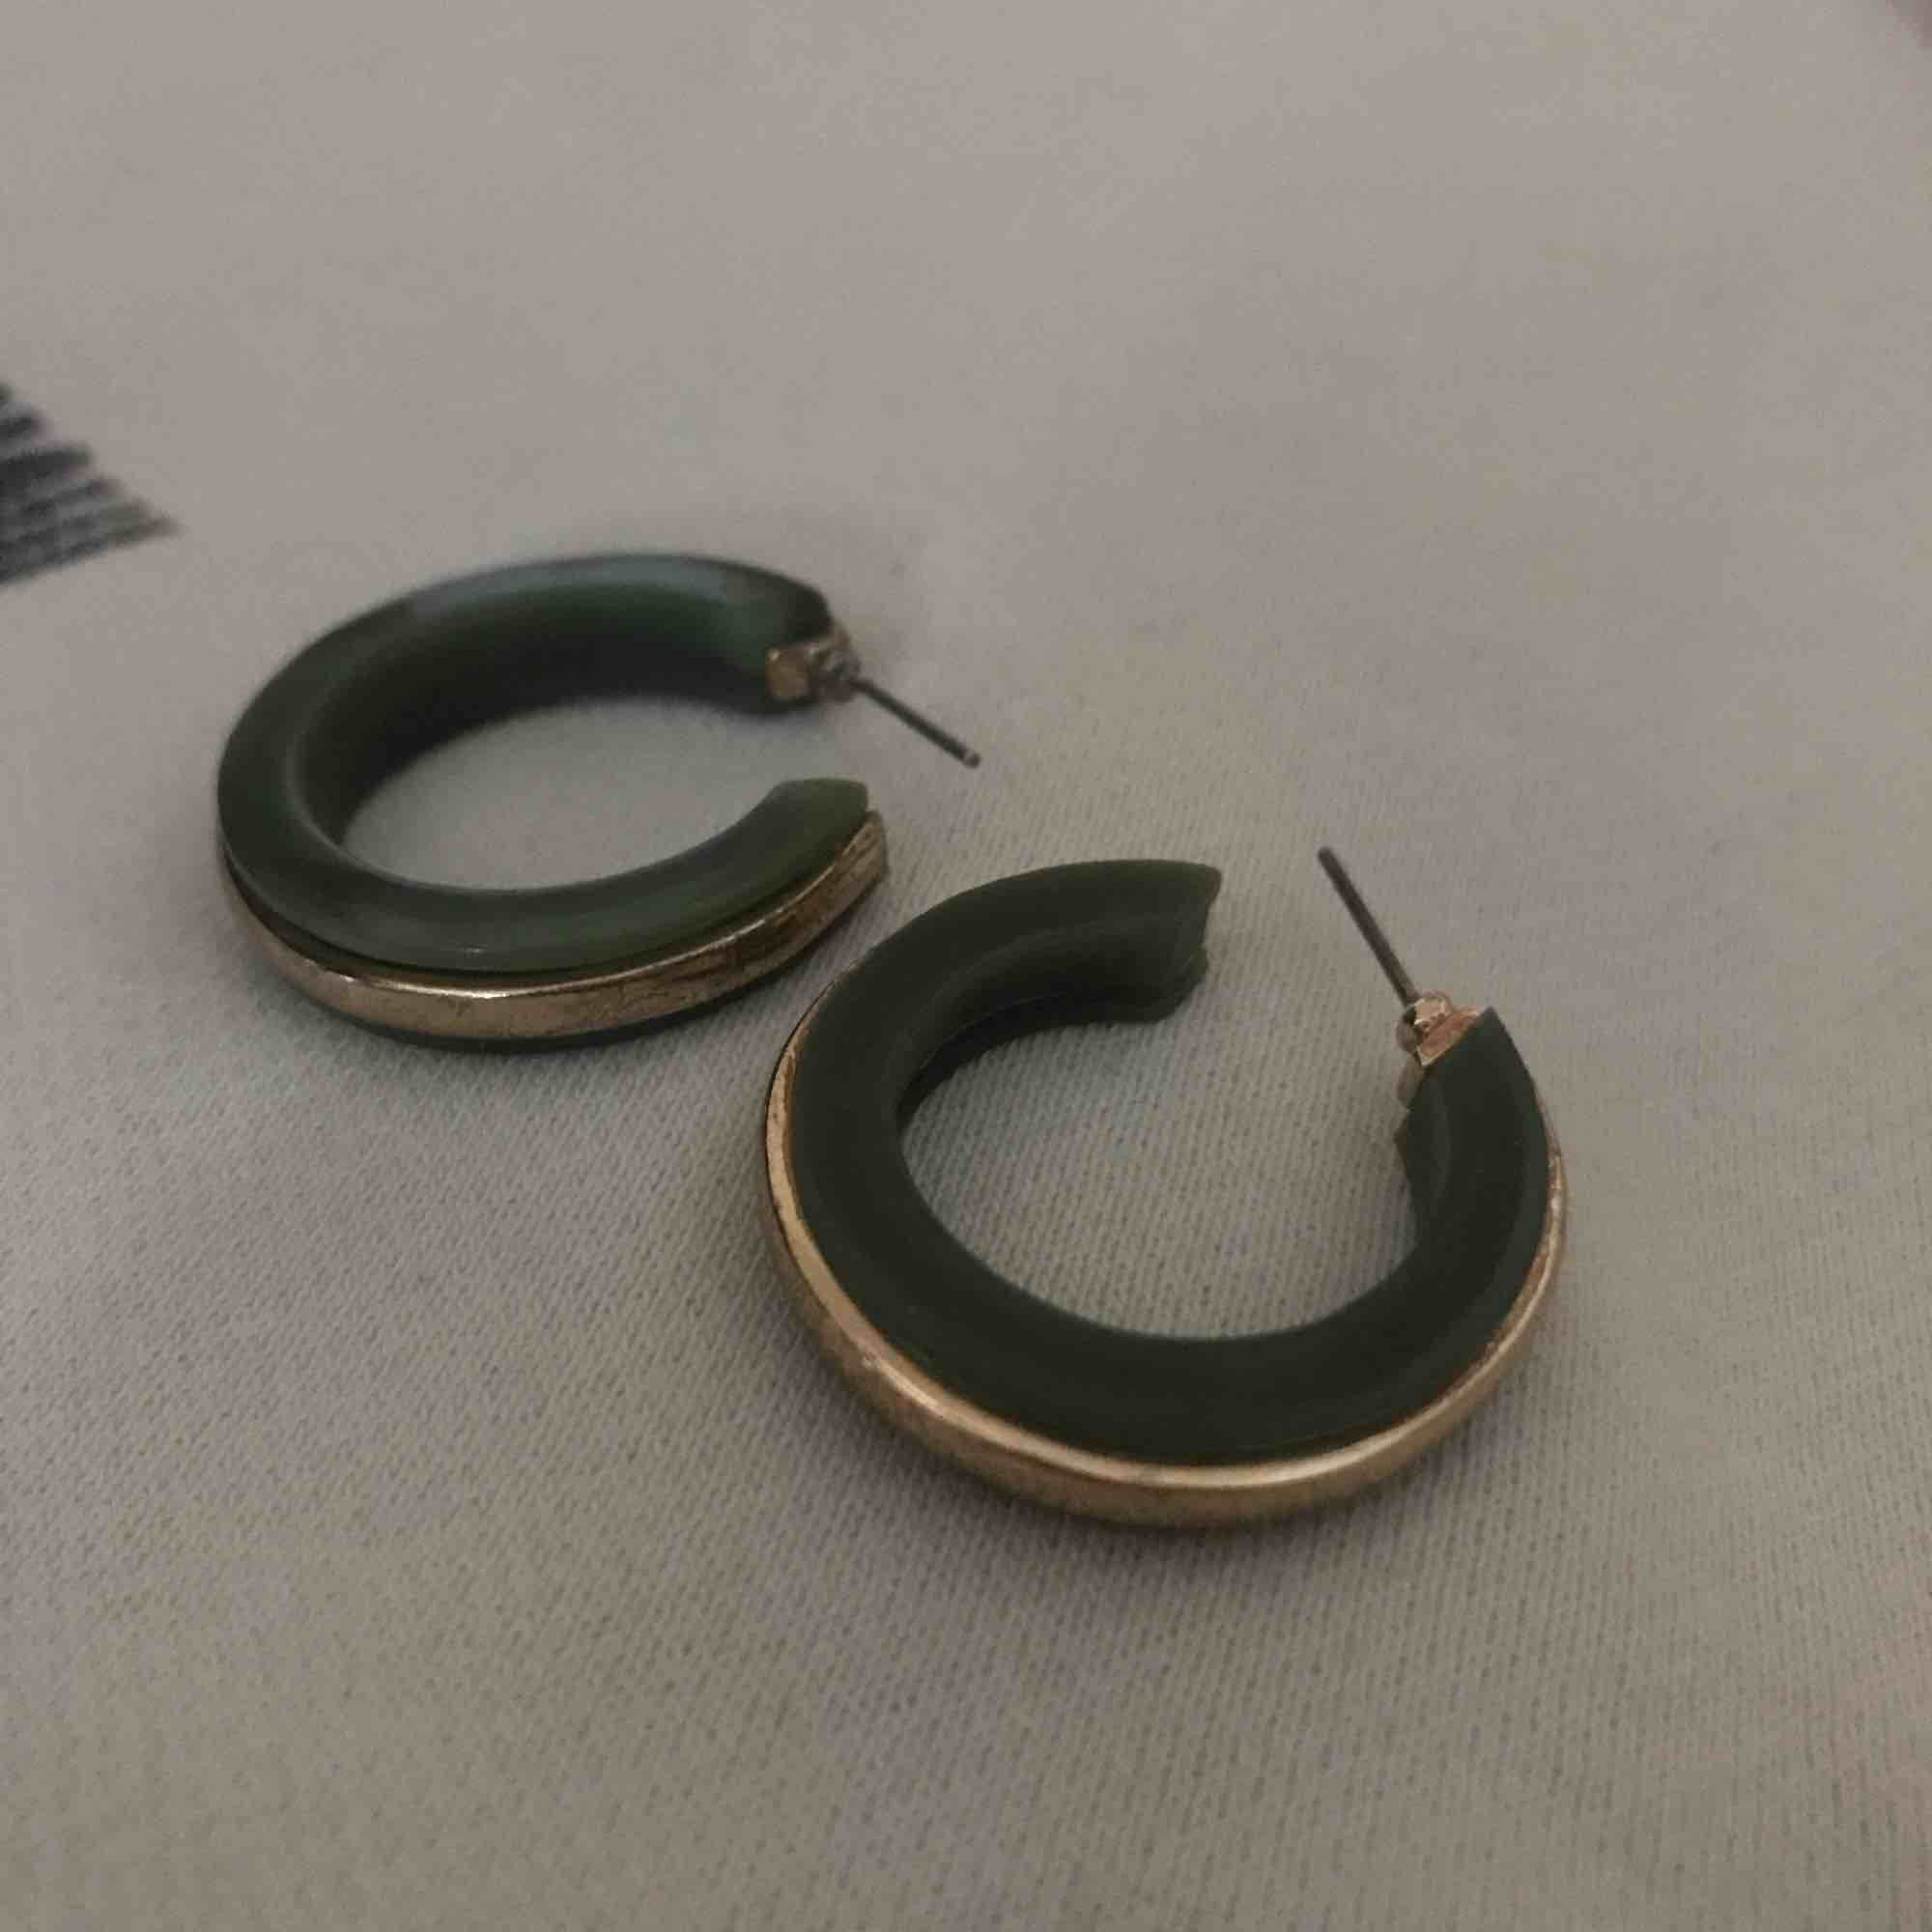 Fina gröna örhängen väldigt nya! Jättefint skick och priset kan diskuteras:). Accessoarer.